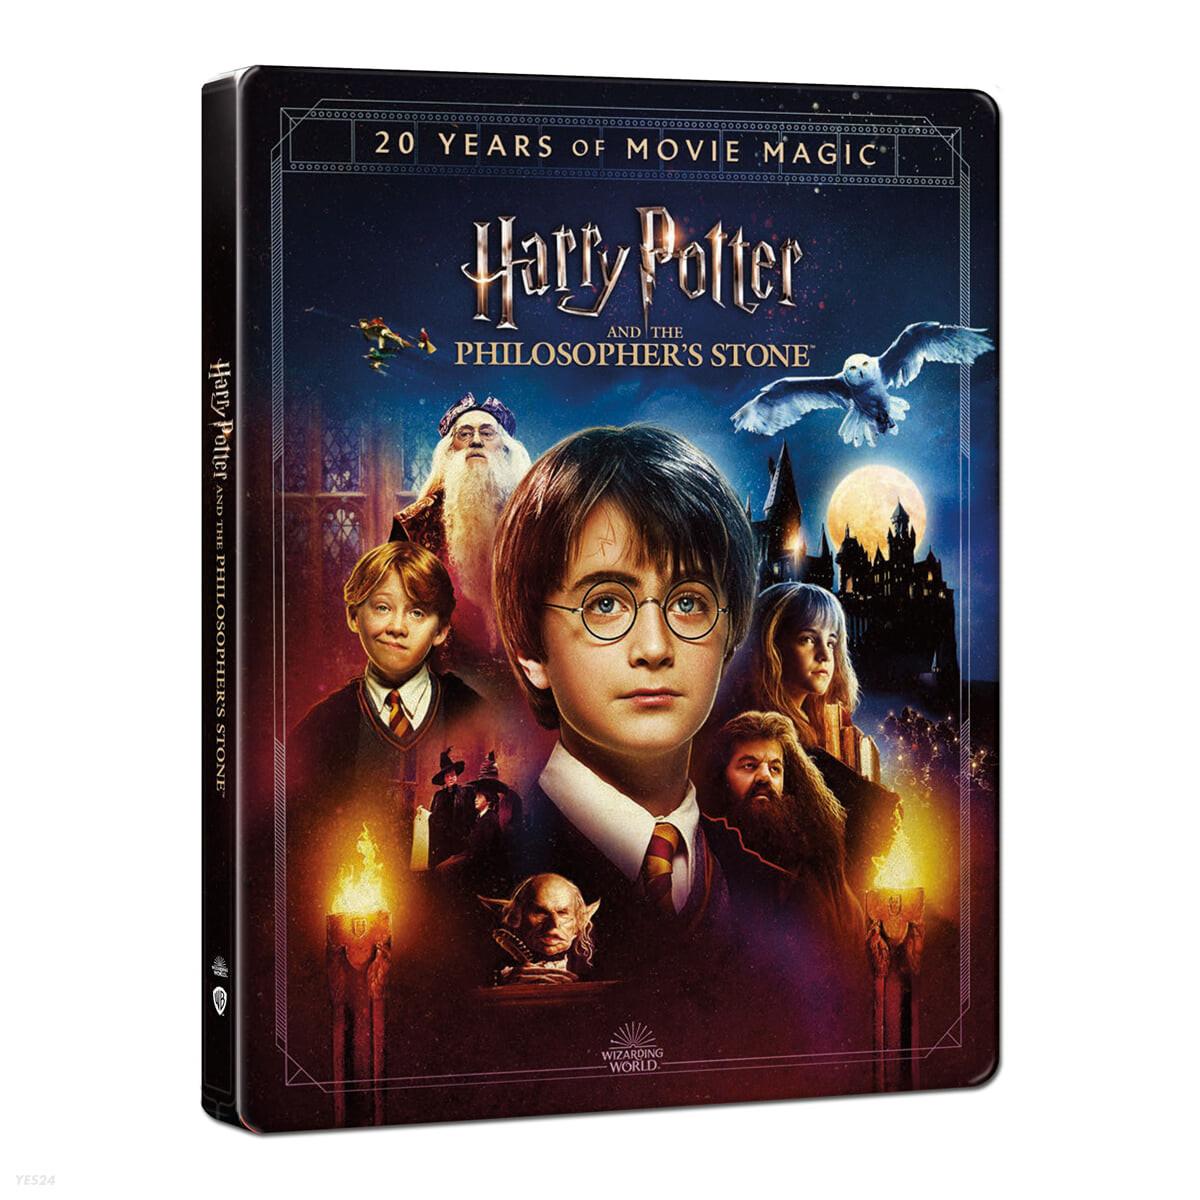 해리 포터와 마법사의 돌 20주년 기념 (3Disc, 4K UHD + BD + Magical Movie Mode DVD 스틸북 한정수량) : 블루레이